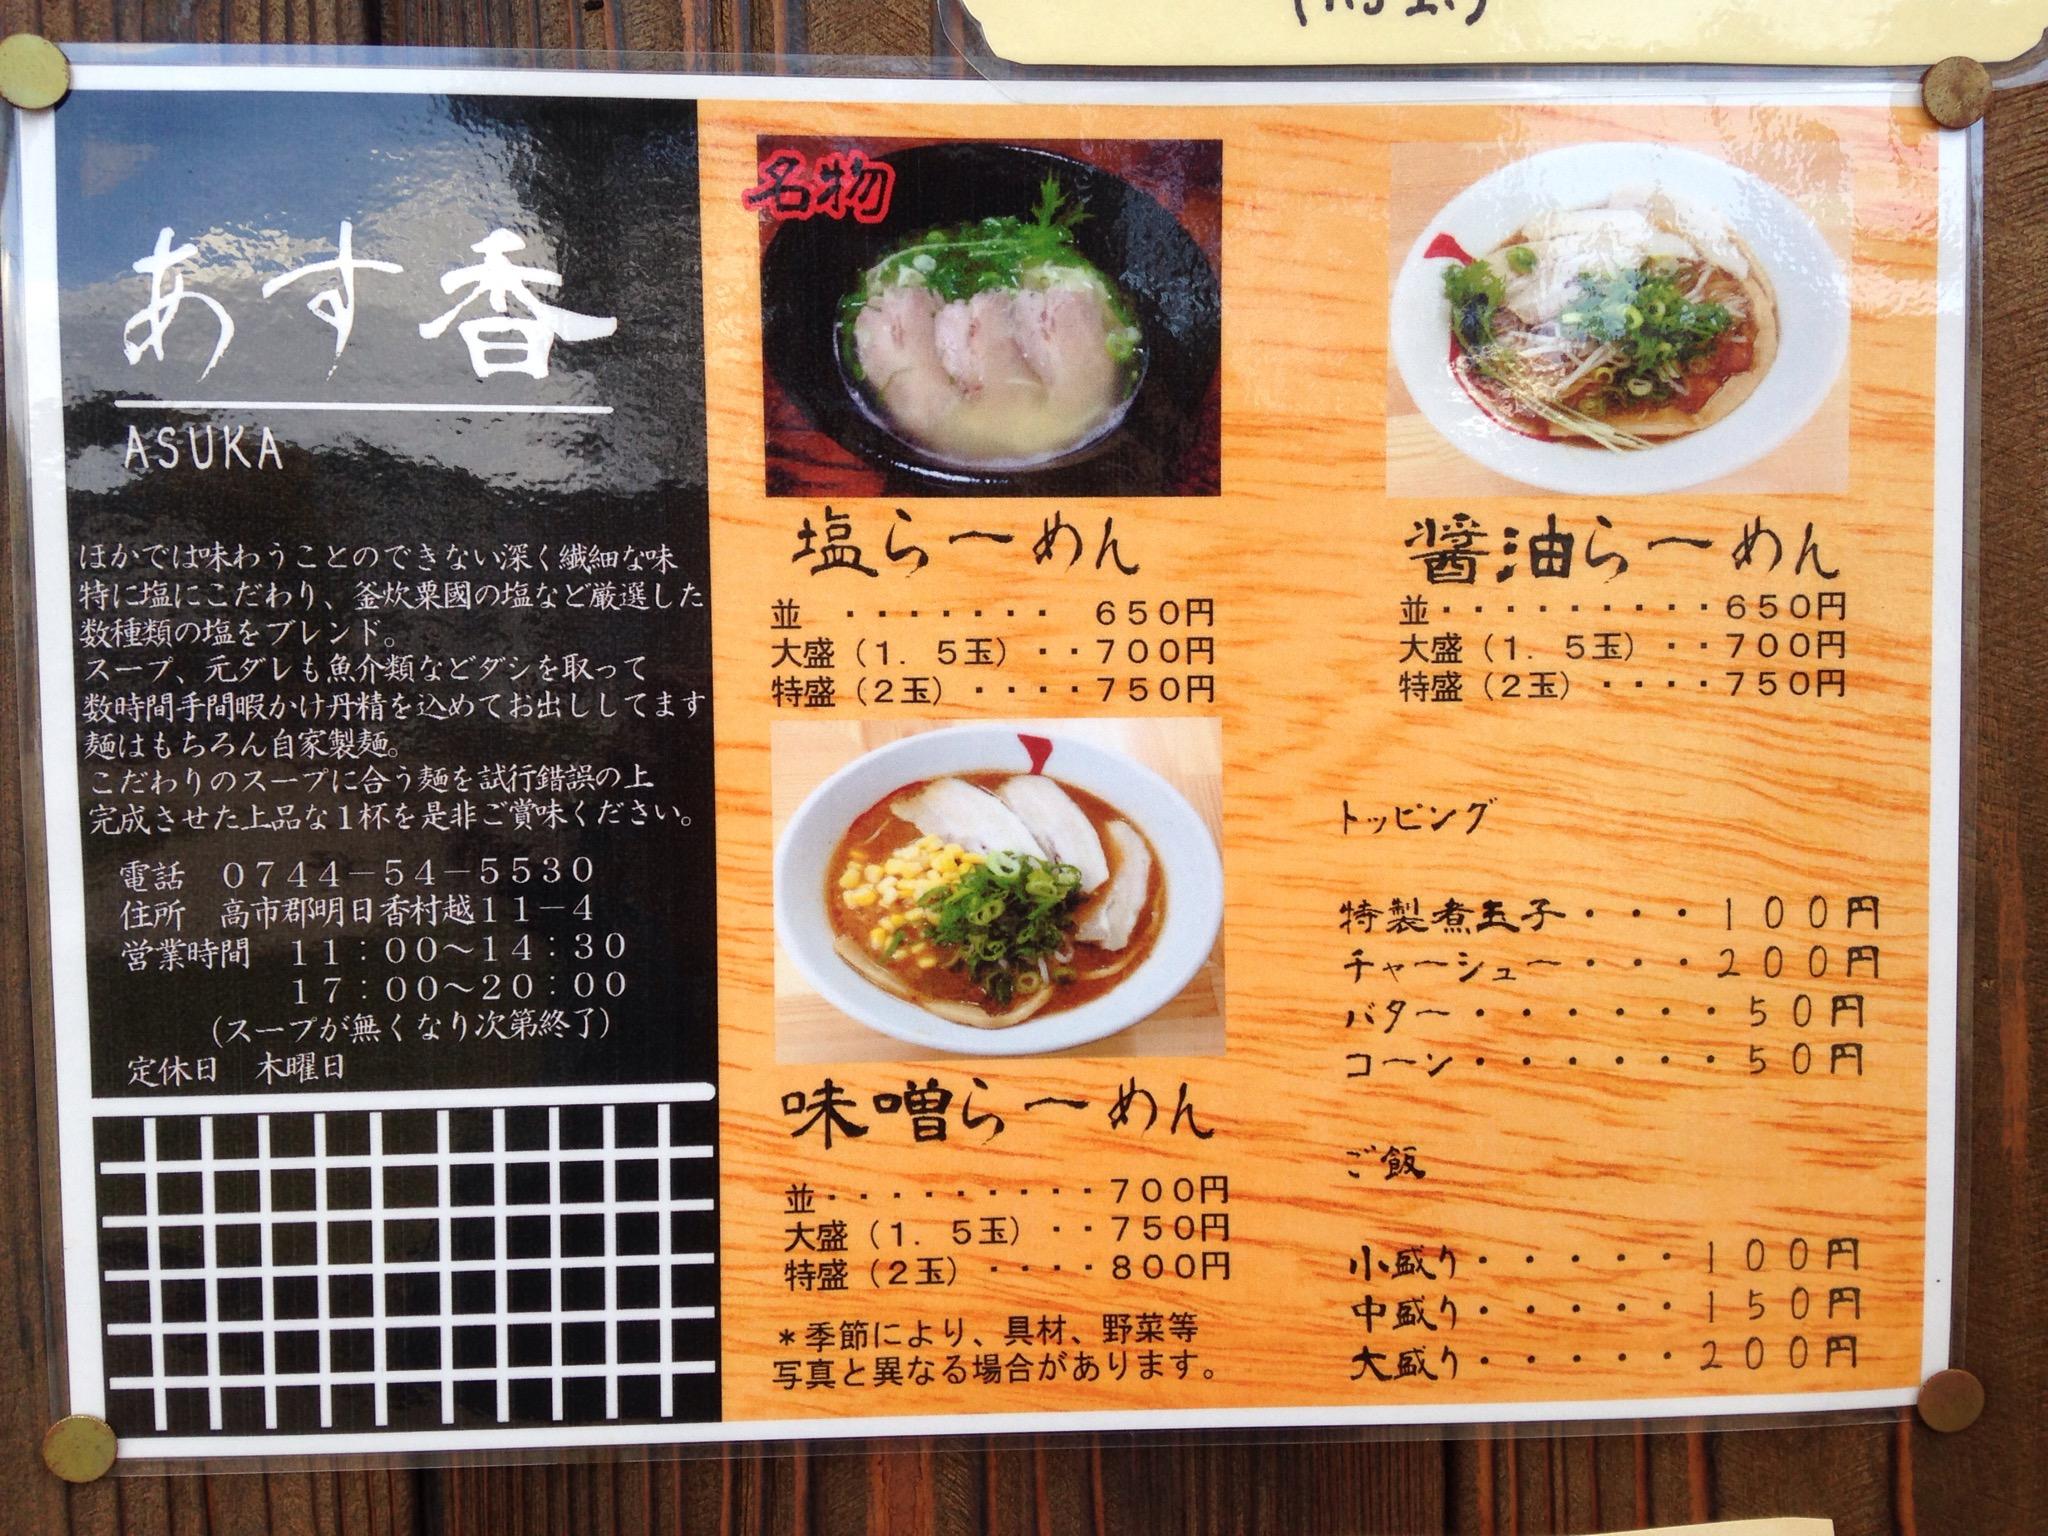 らー麺 あす香のメニュー